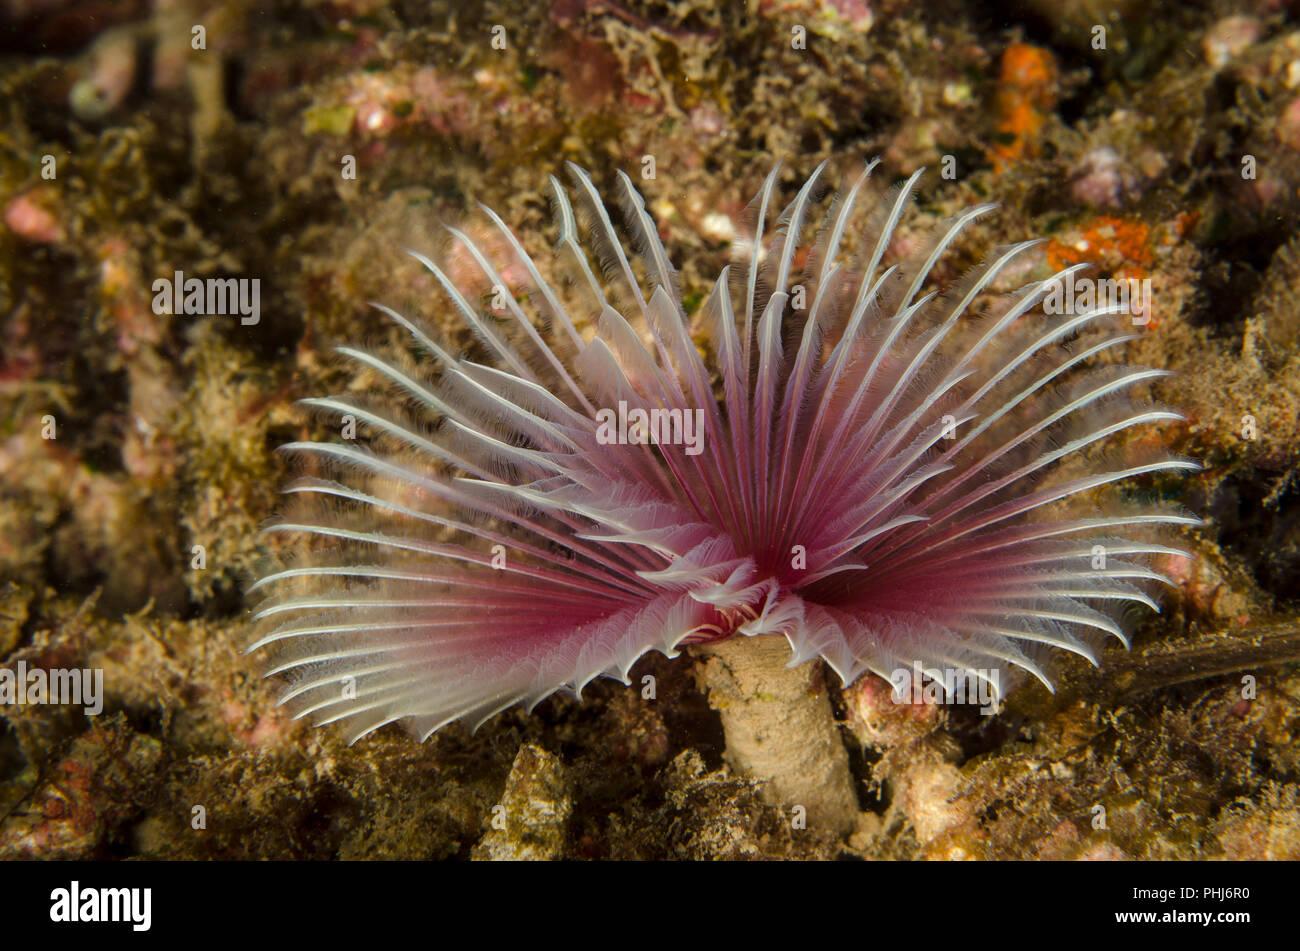 Tubeworm, Sabellastarte sp., Sabellidae, Anilao, Philippines, Philippine Sea, Pacific Ocean, Asia - Stock Image